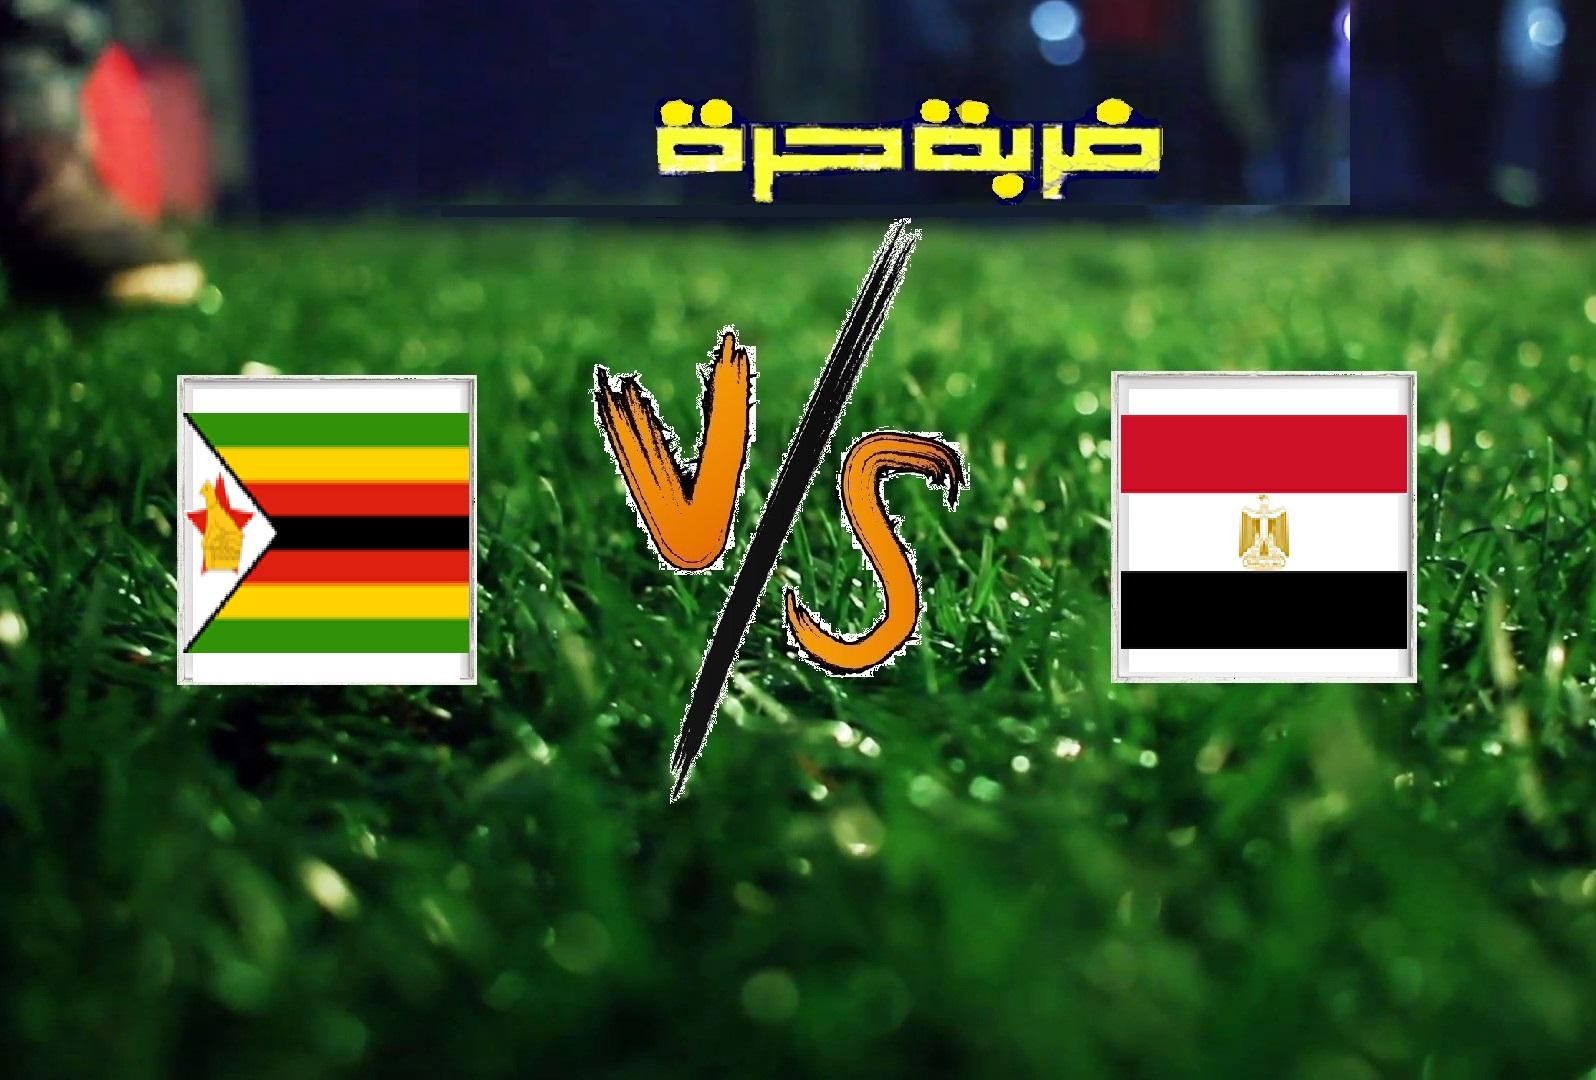 ملخص مباراة مصر وزيمبابوي اليوم الجمعة بتاريخ 21-06-2019 كأس الأمم الأفريقية